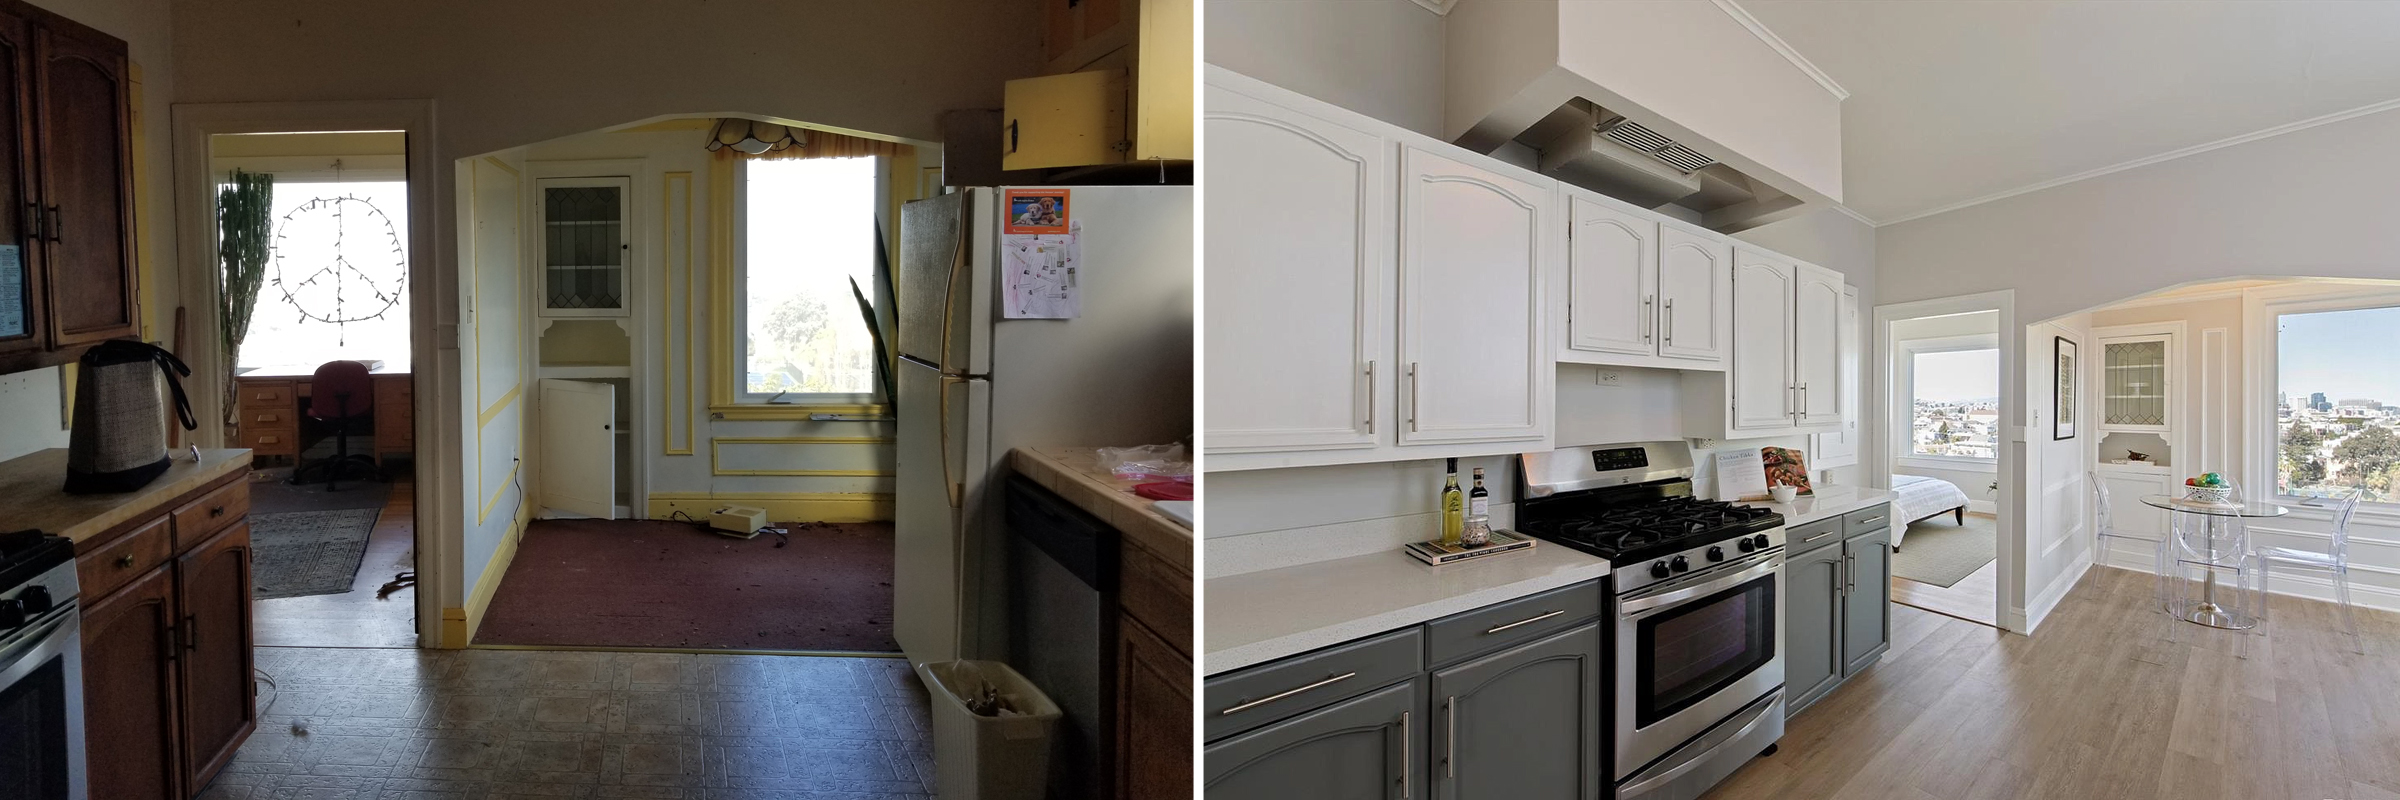 44 peralta kitchen 1 with line.jpg